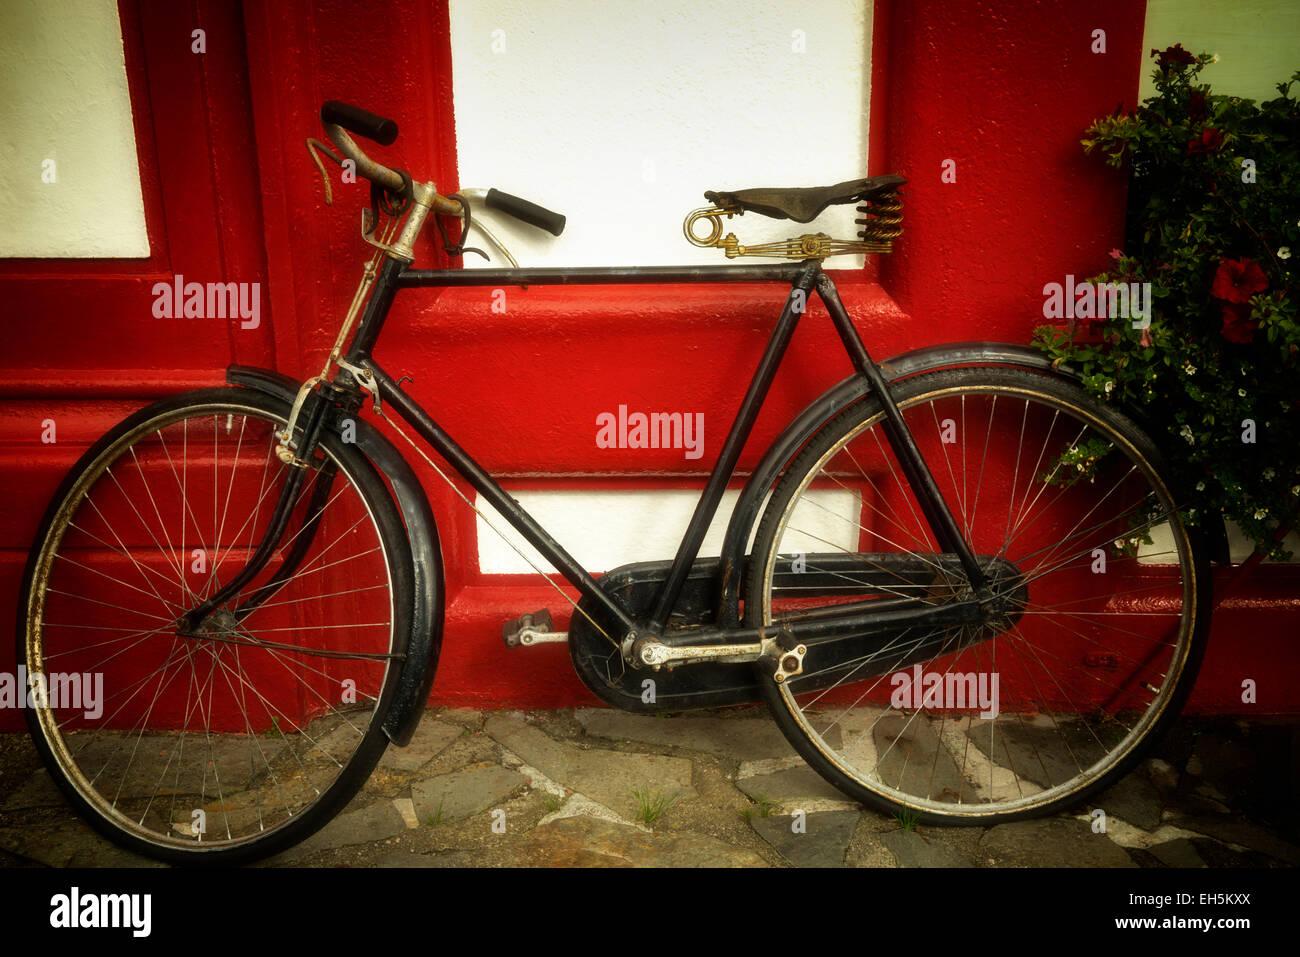 Antiguo almacén de bicicleta en la parte delantera. Knightstown,Valentia Island,República de Irlanda Imagen De Stock